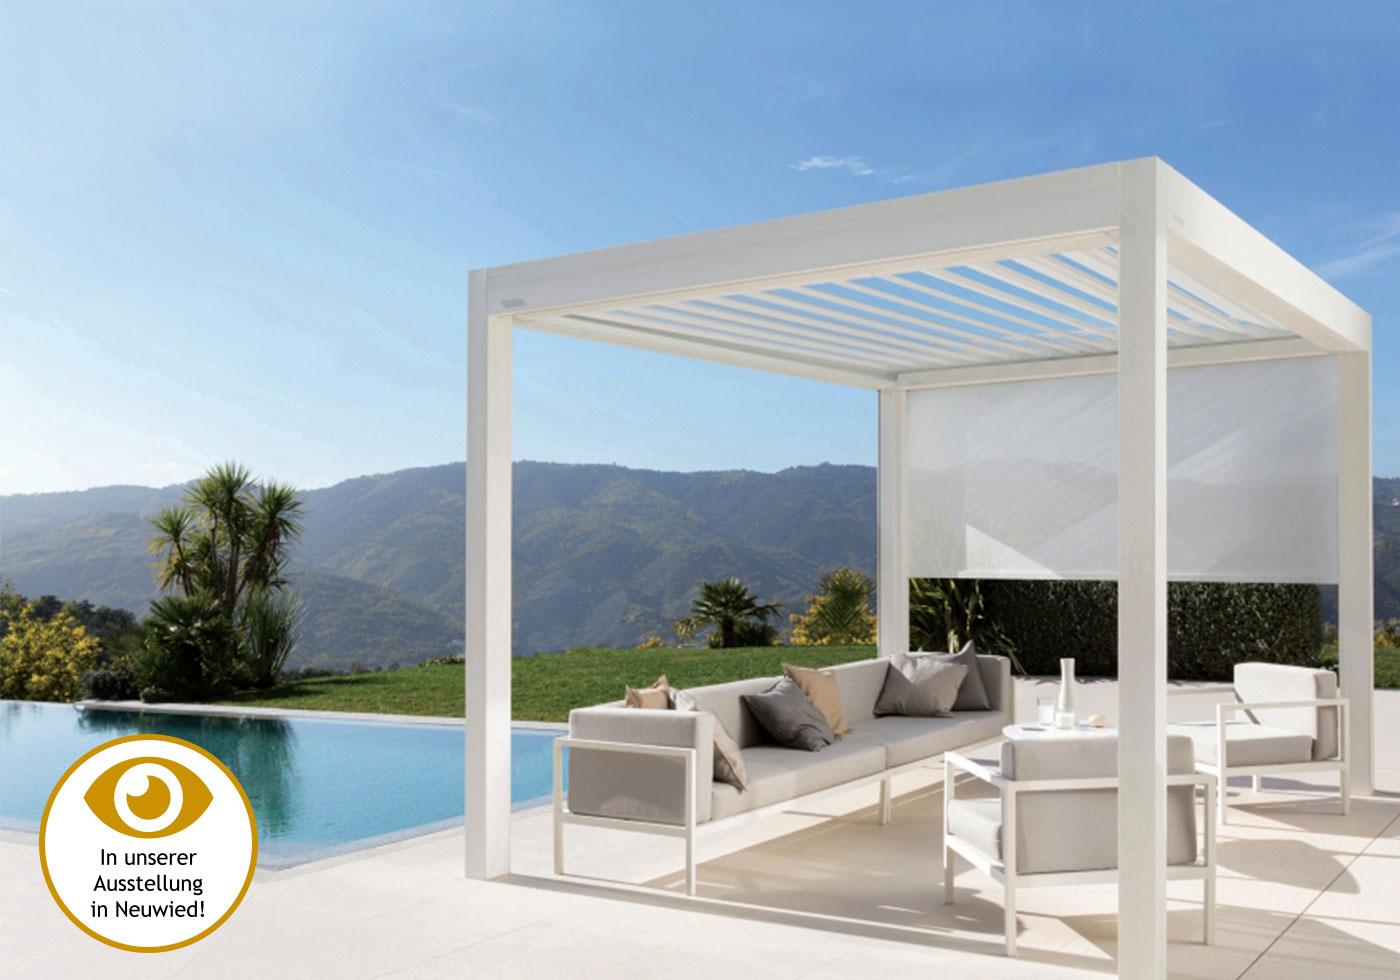 Super Lamellendach für Terrasse und Garten gibt es bei GÜTLER. EF62